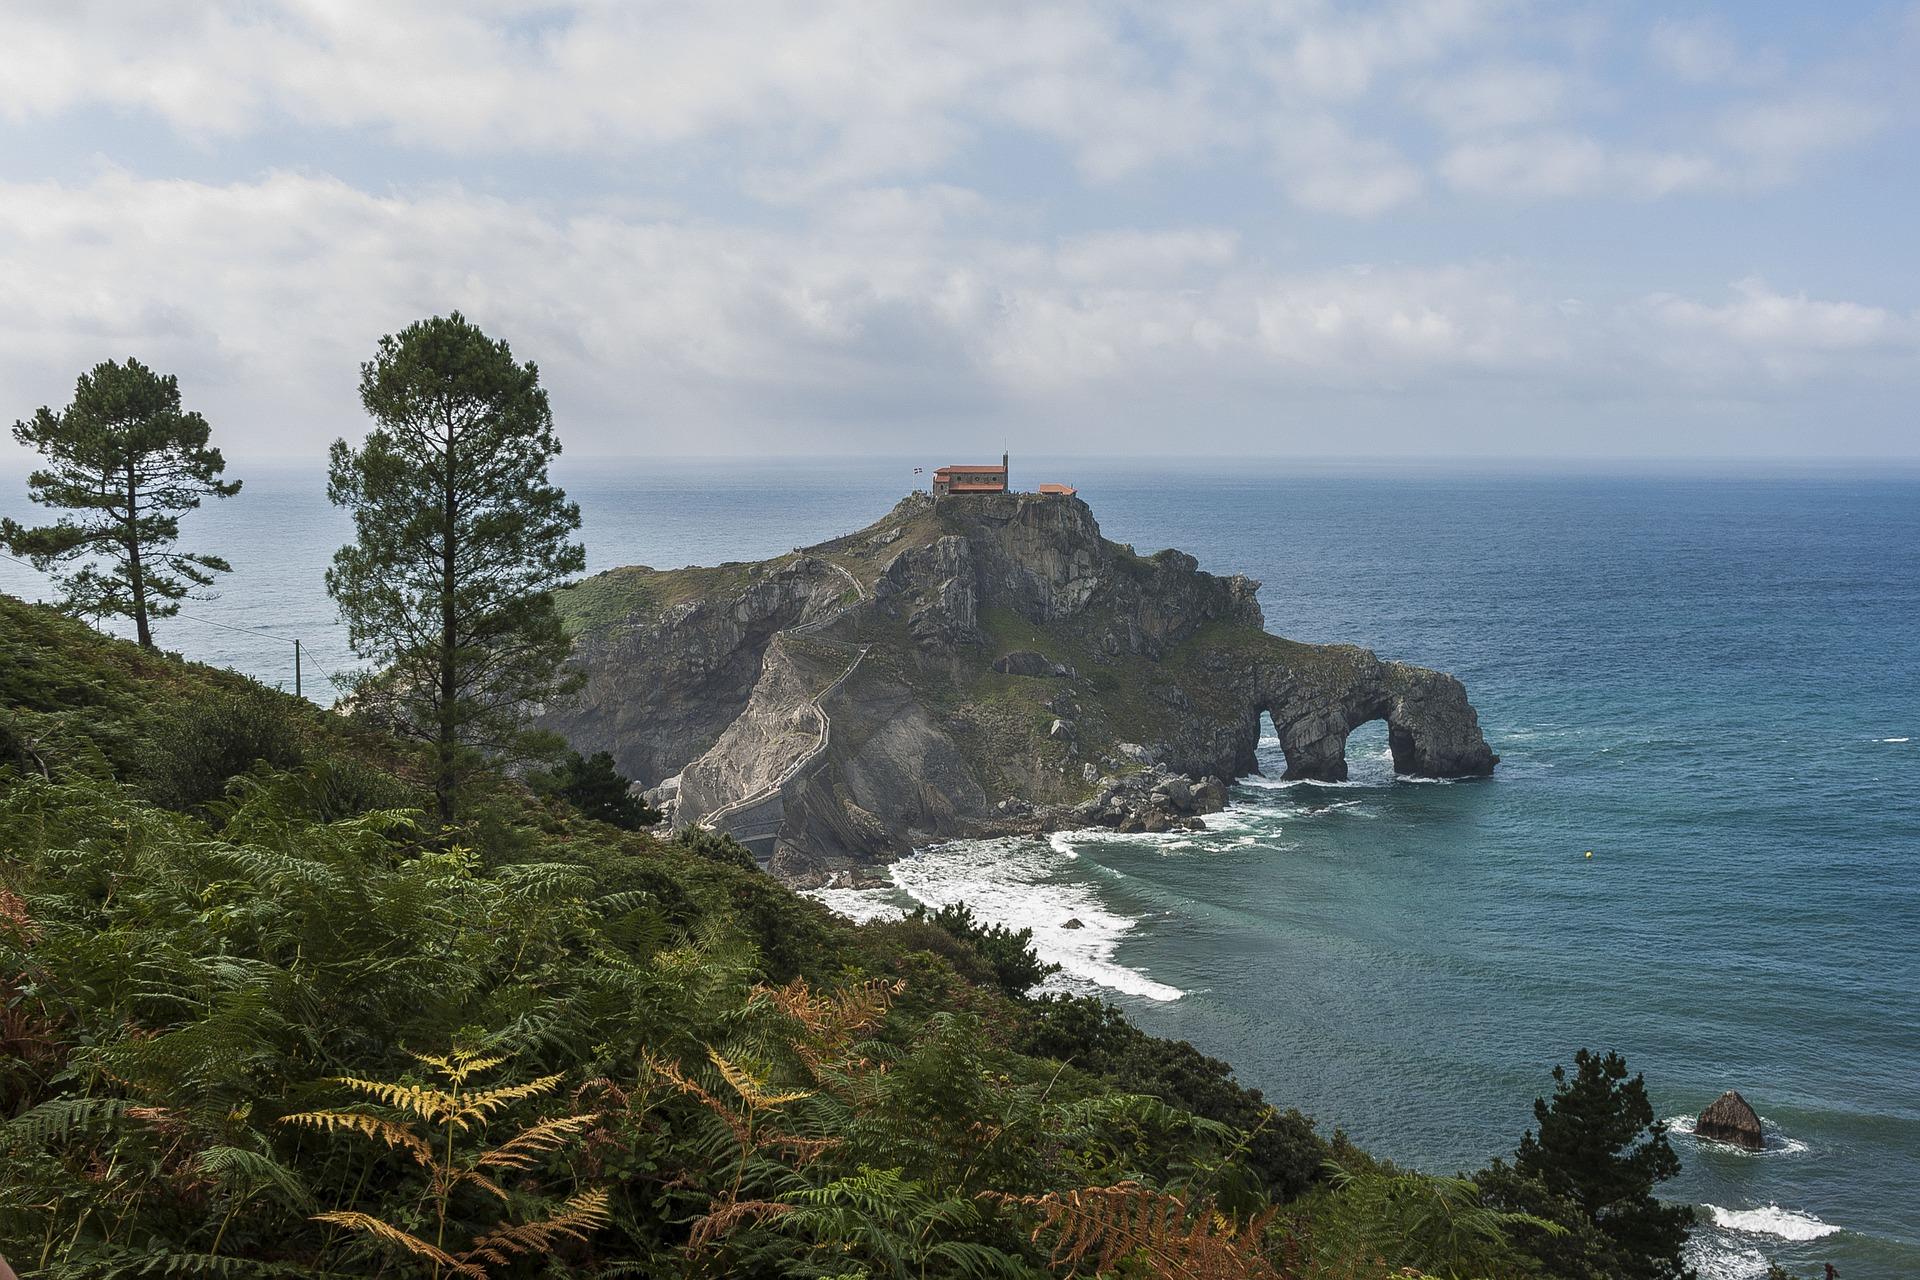 Kloster an der Küste des Baskenlandes